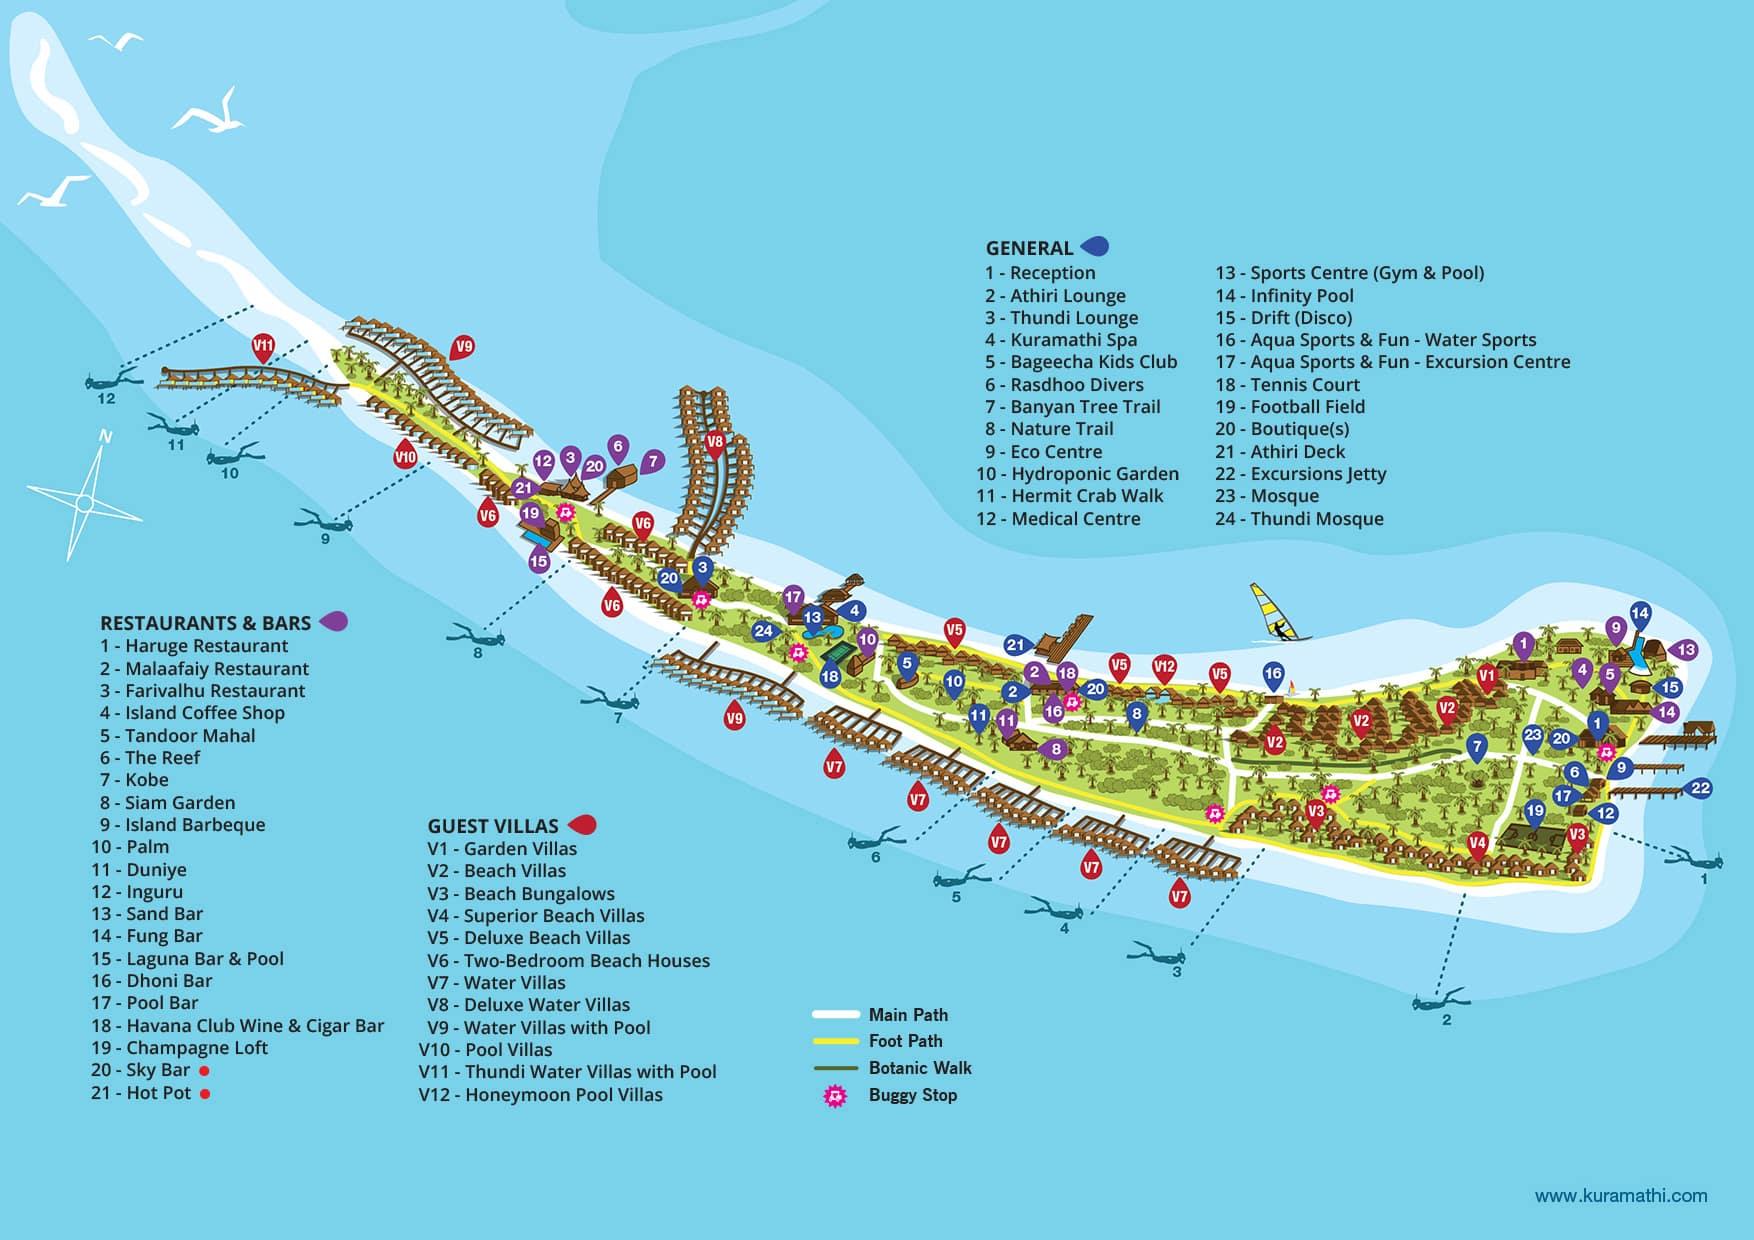 mappa Kuramathi Maldive, Map Maldives